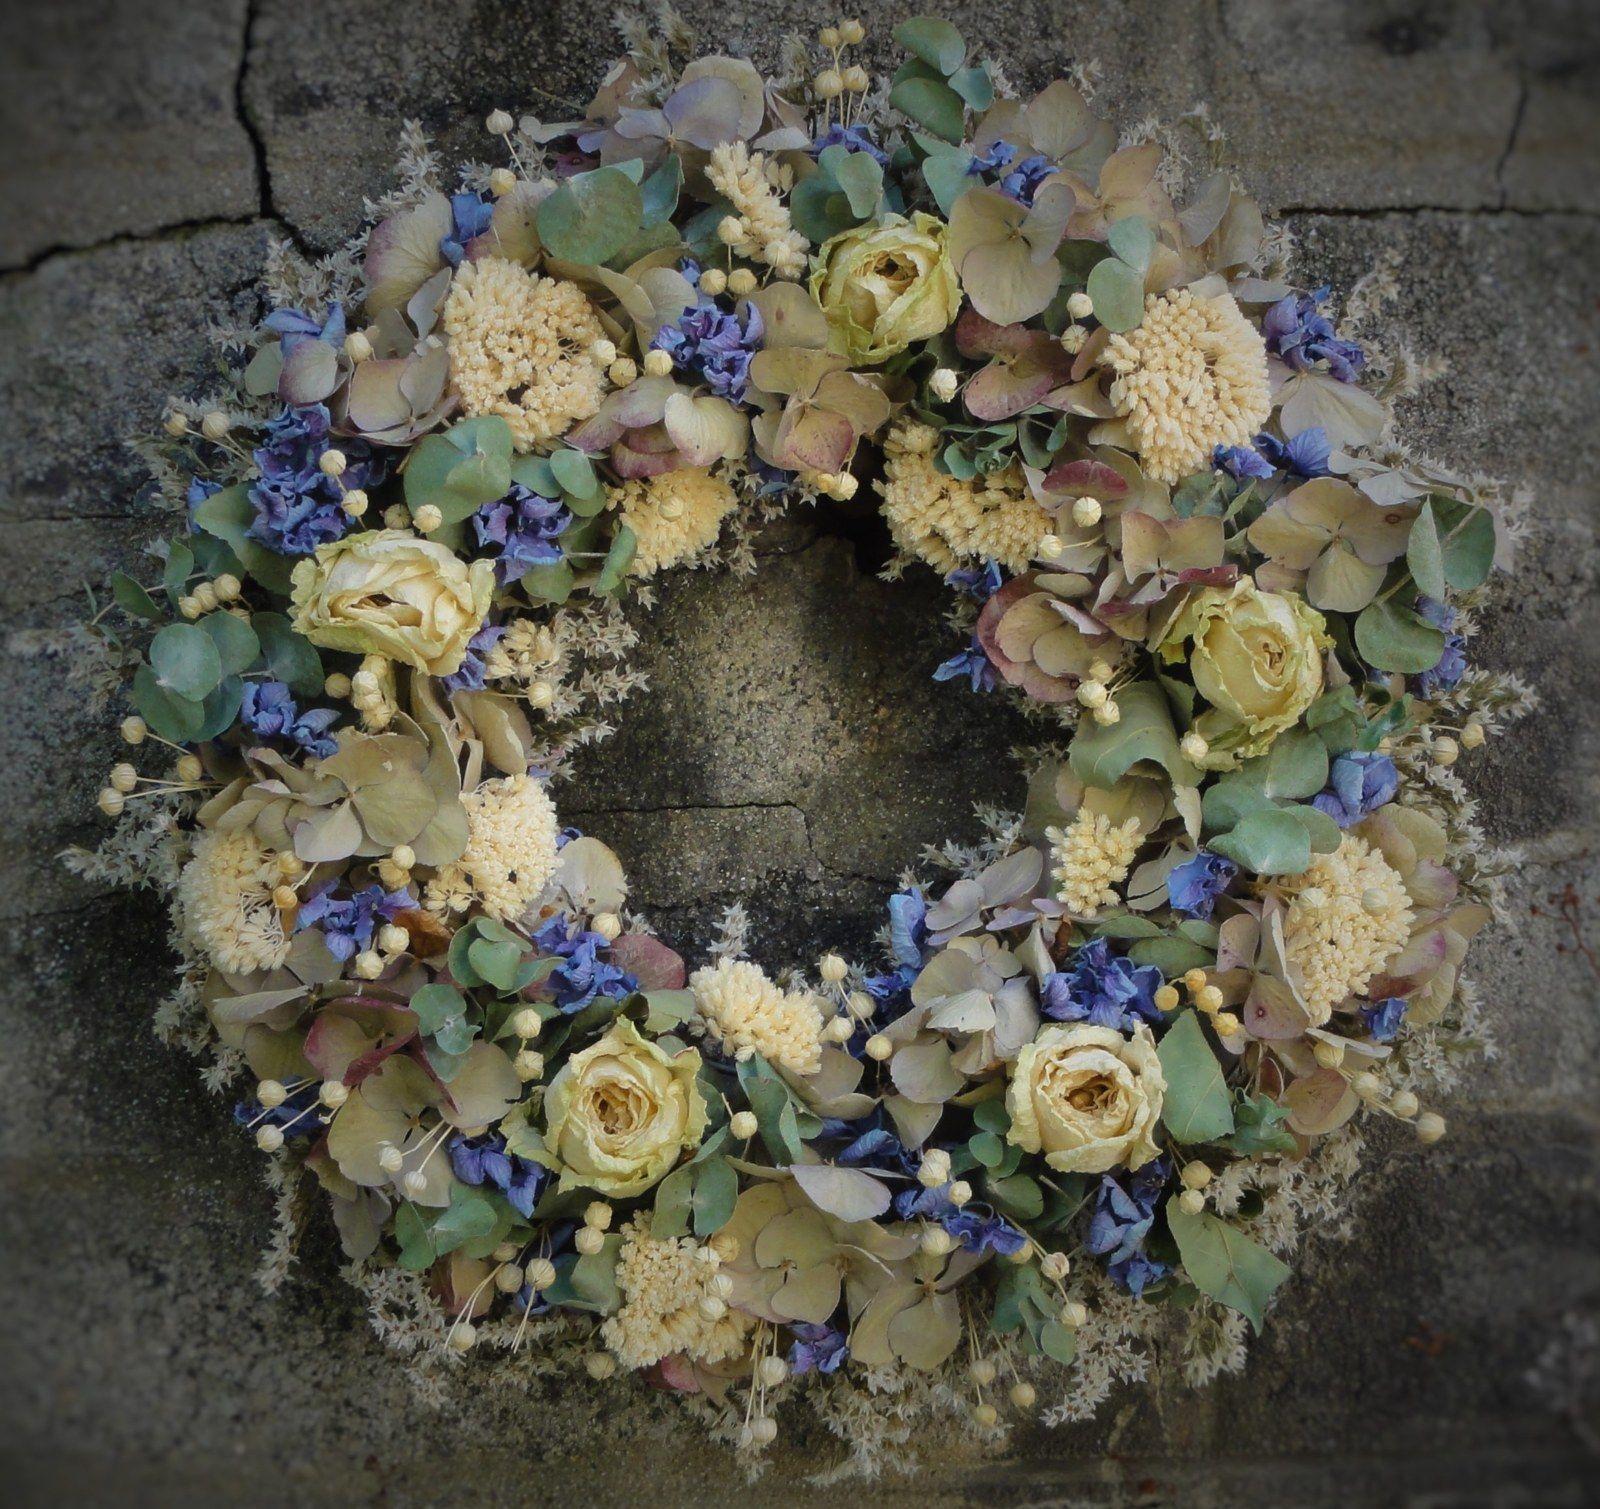 Bílé růže s voňavým eukalyptem a hortenzií Věnec z bílých růží,modré hortenzie ,voňavým eukalyptem a další sušiny.Celoroční dekorace vhodná i jako netradiční dárek. Velikost 32cm.